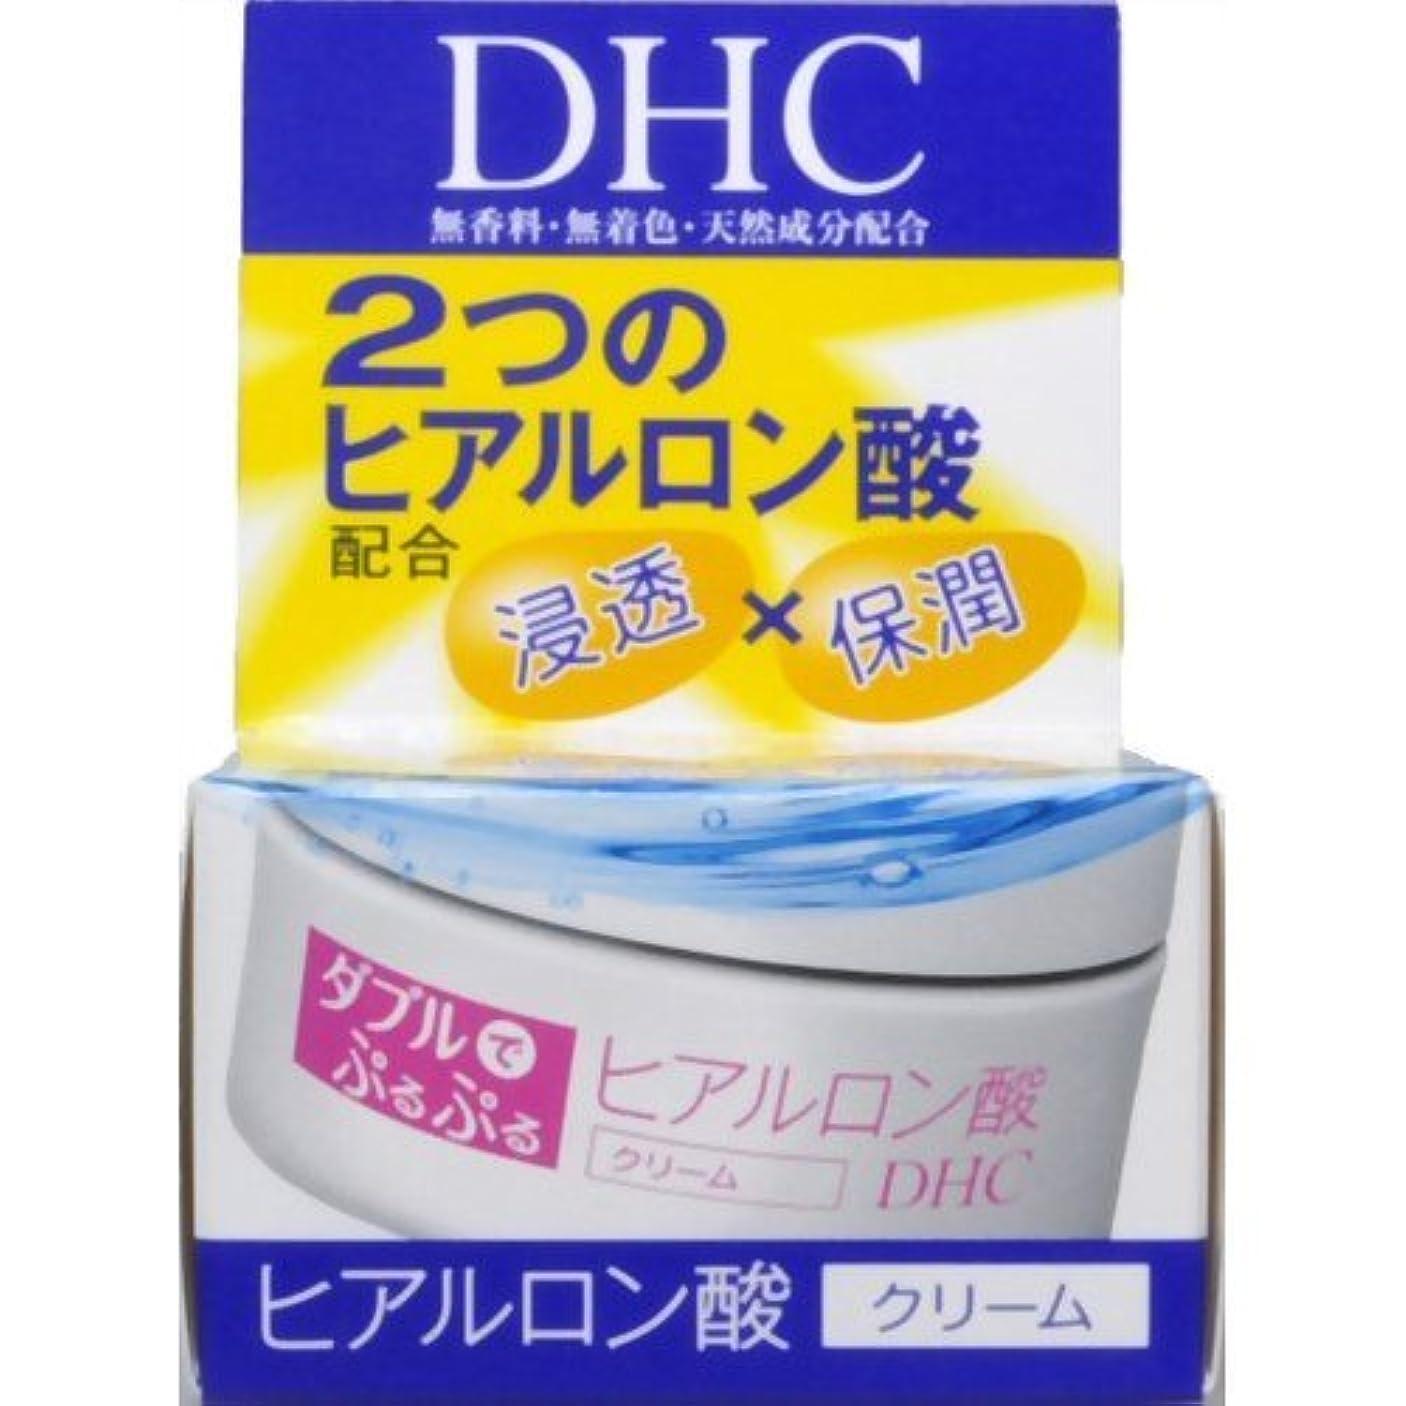 回転する多くの危険がある状況圧力DHC ダブルモイスチュアクリーム 50g